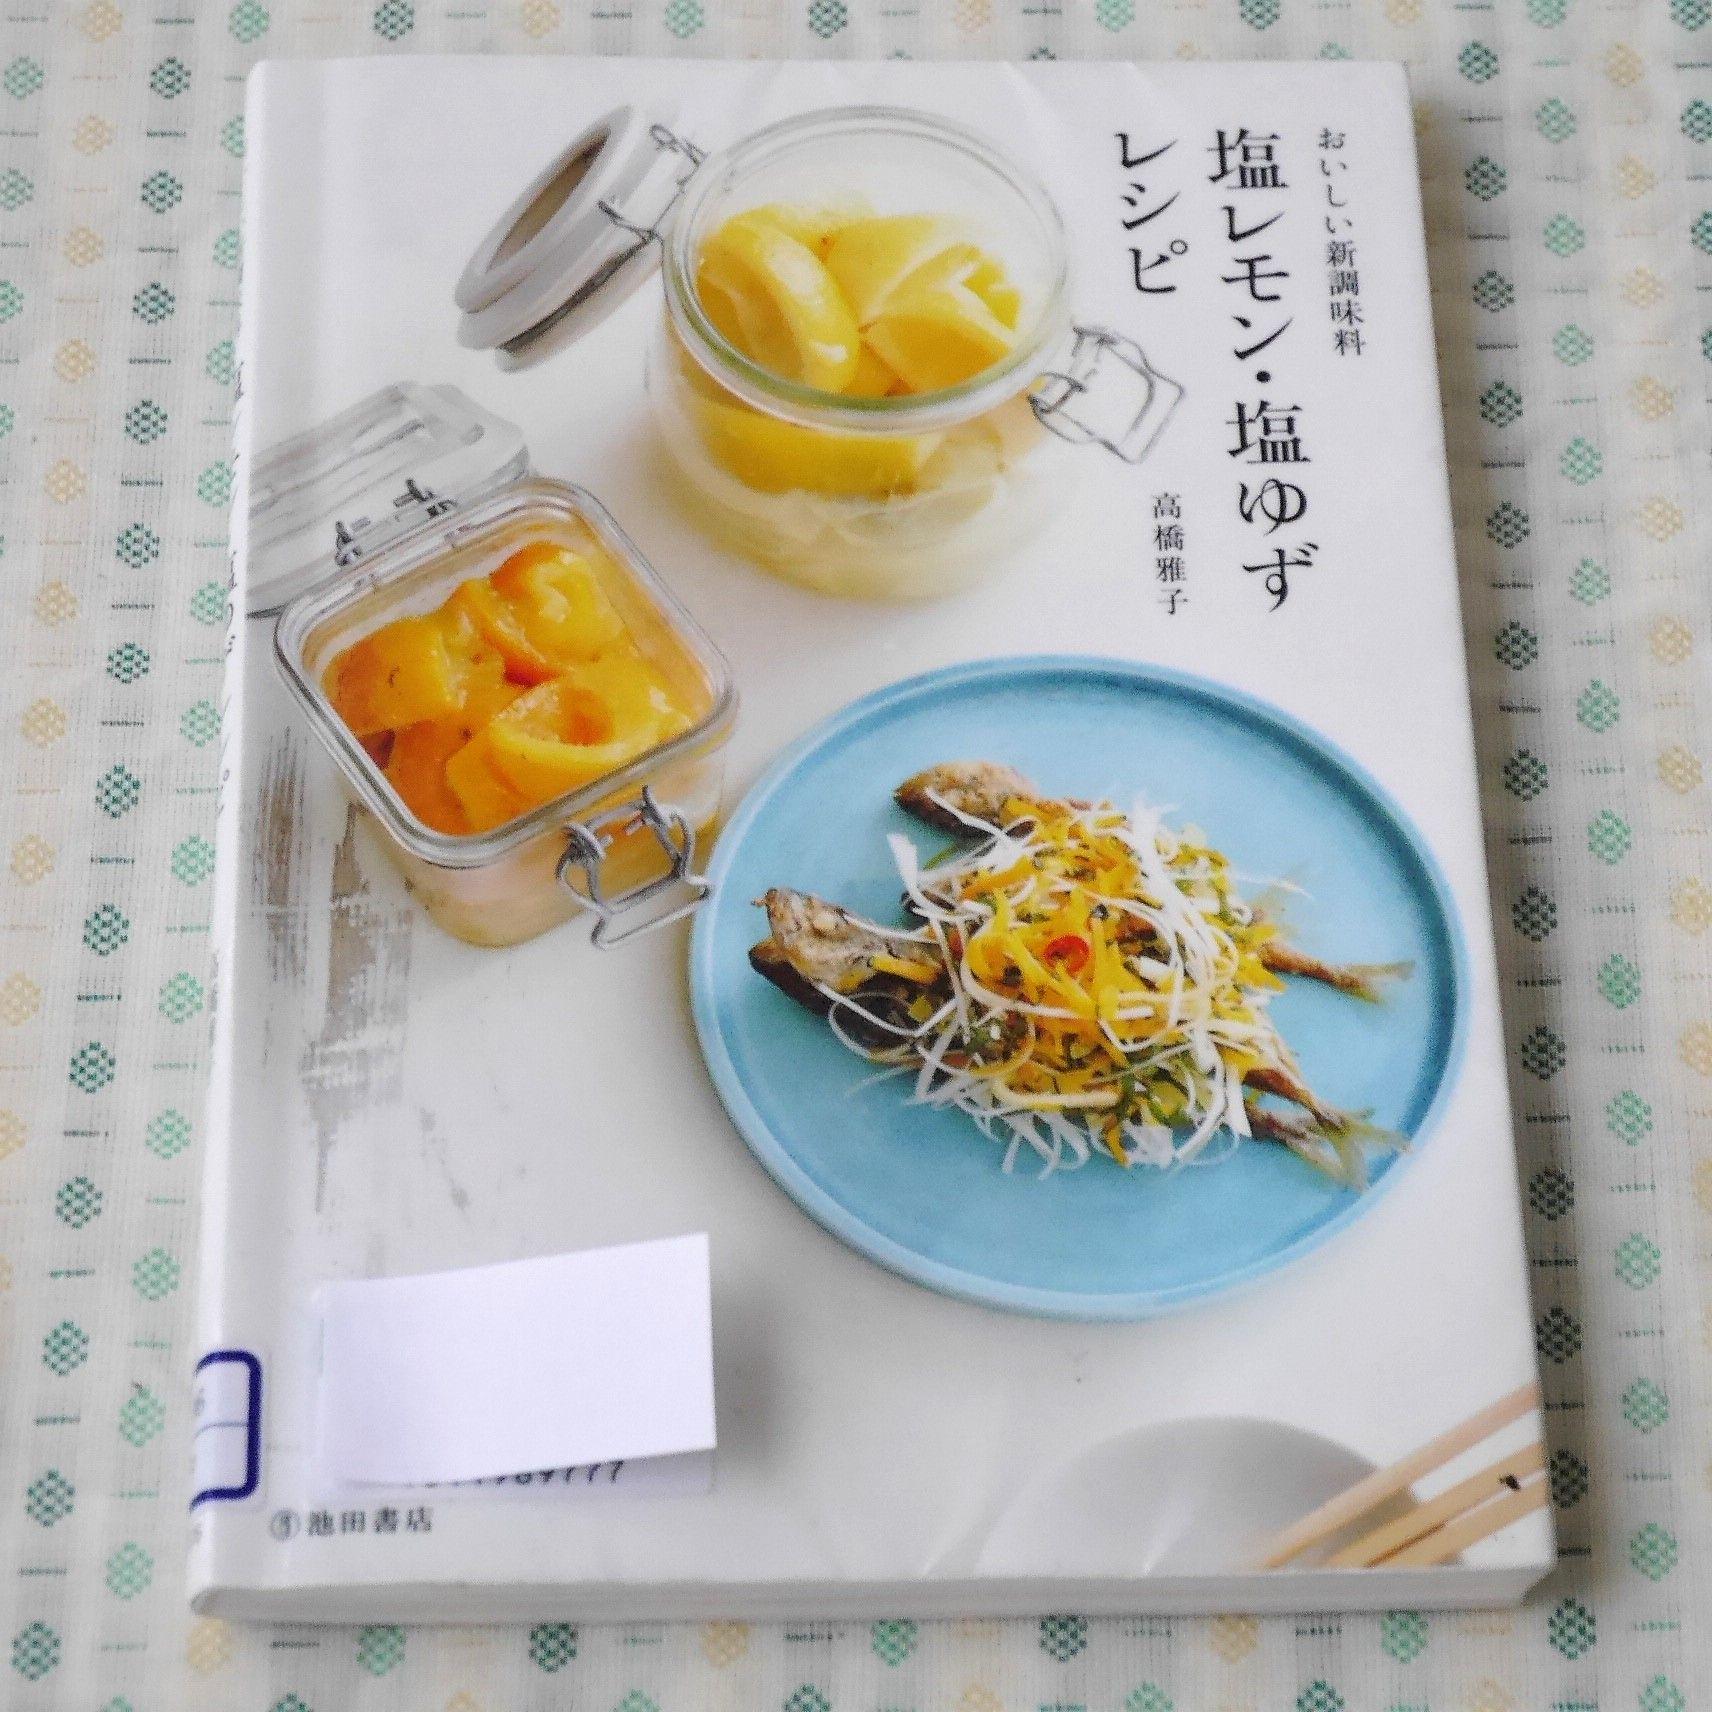 塩レモン・塩ゆずレシピ